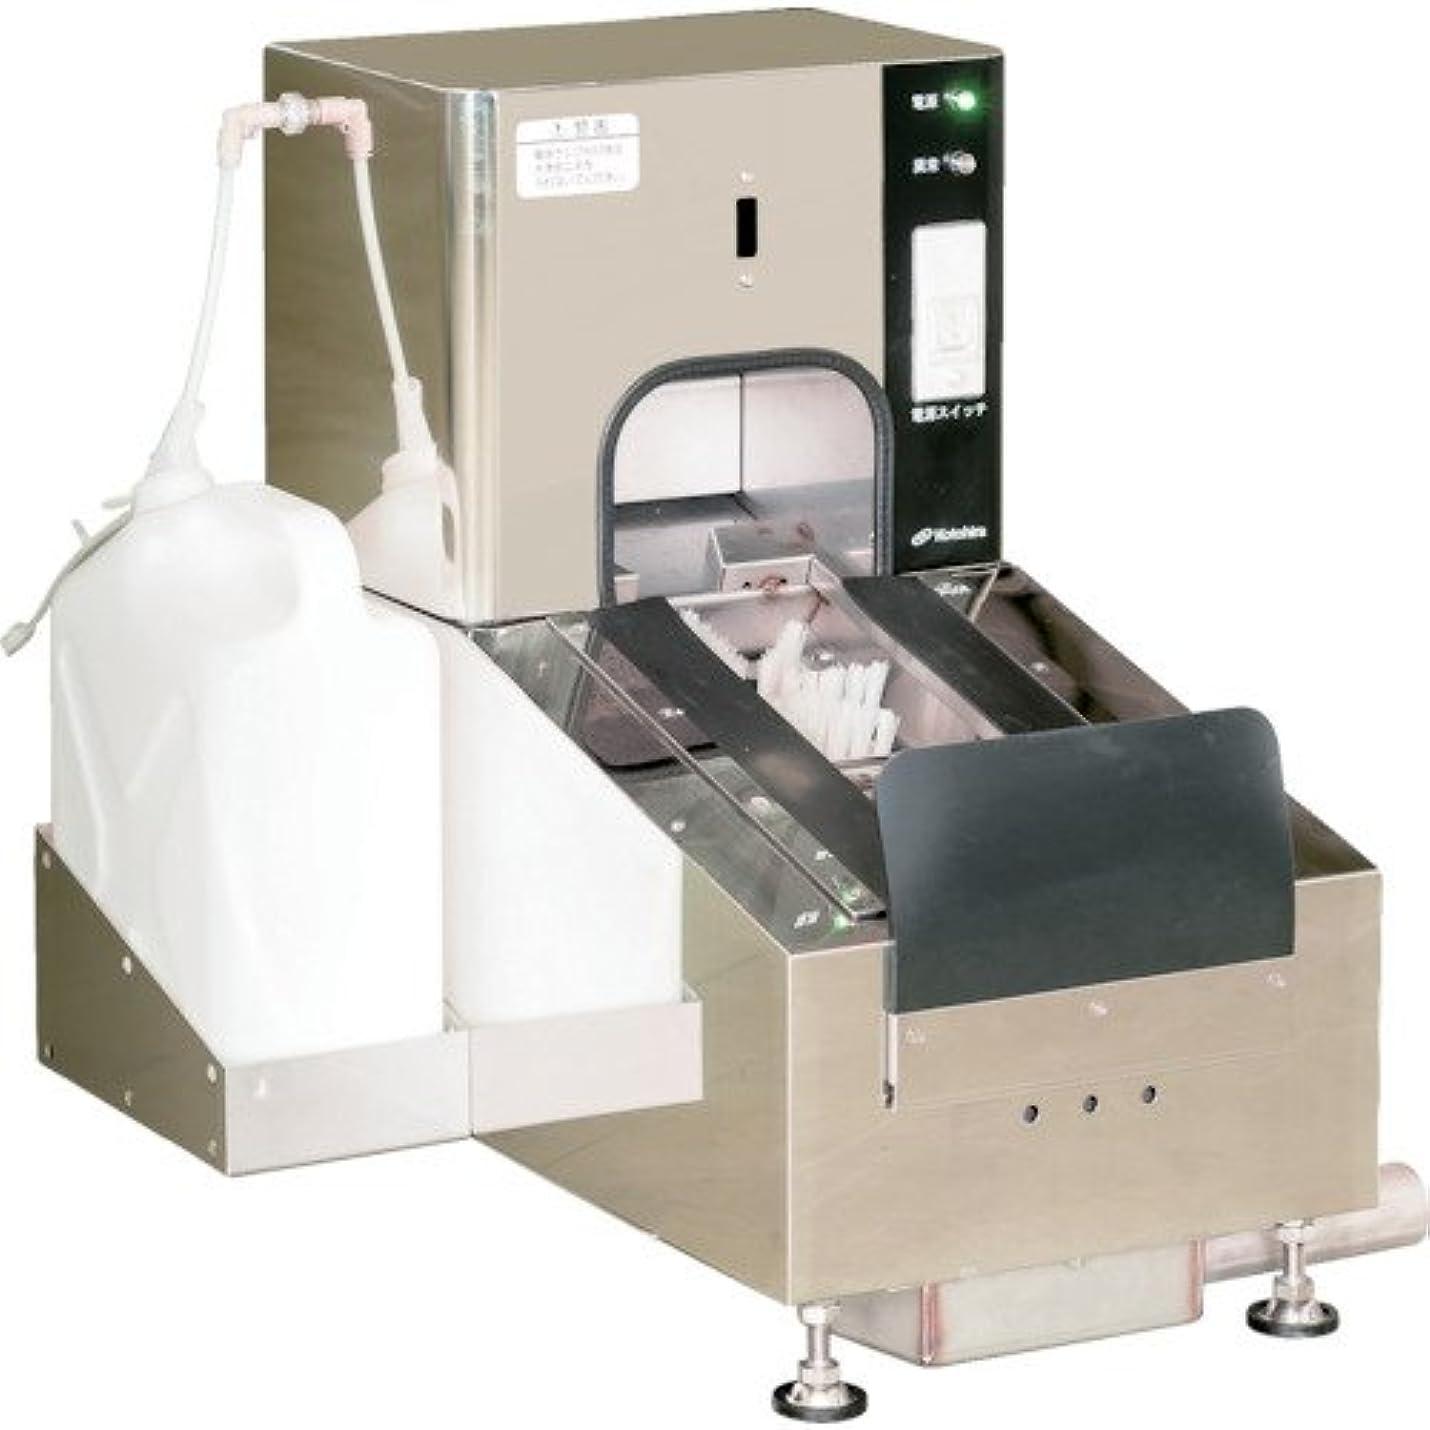 分類する仕方厳しいコトヒラ 流水式靴底洗浄装置 洗剤投入タイプ KSW-S02D